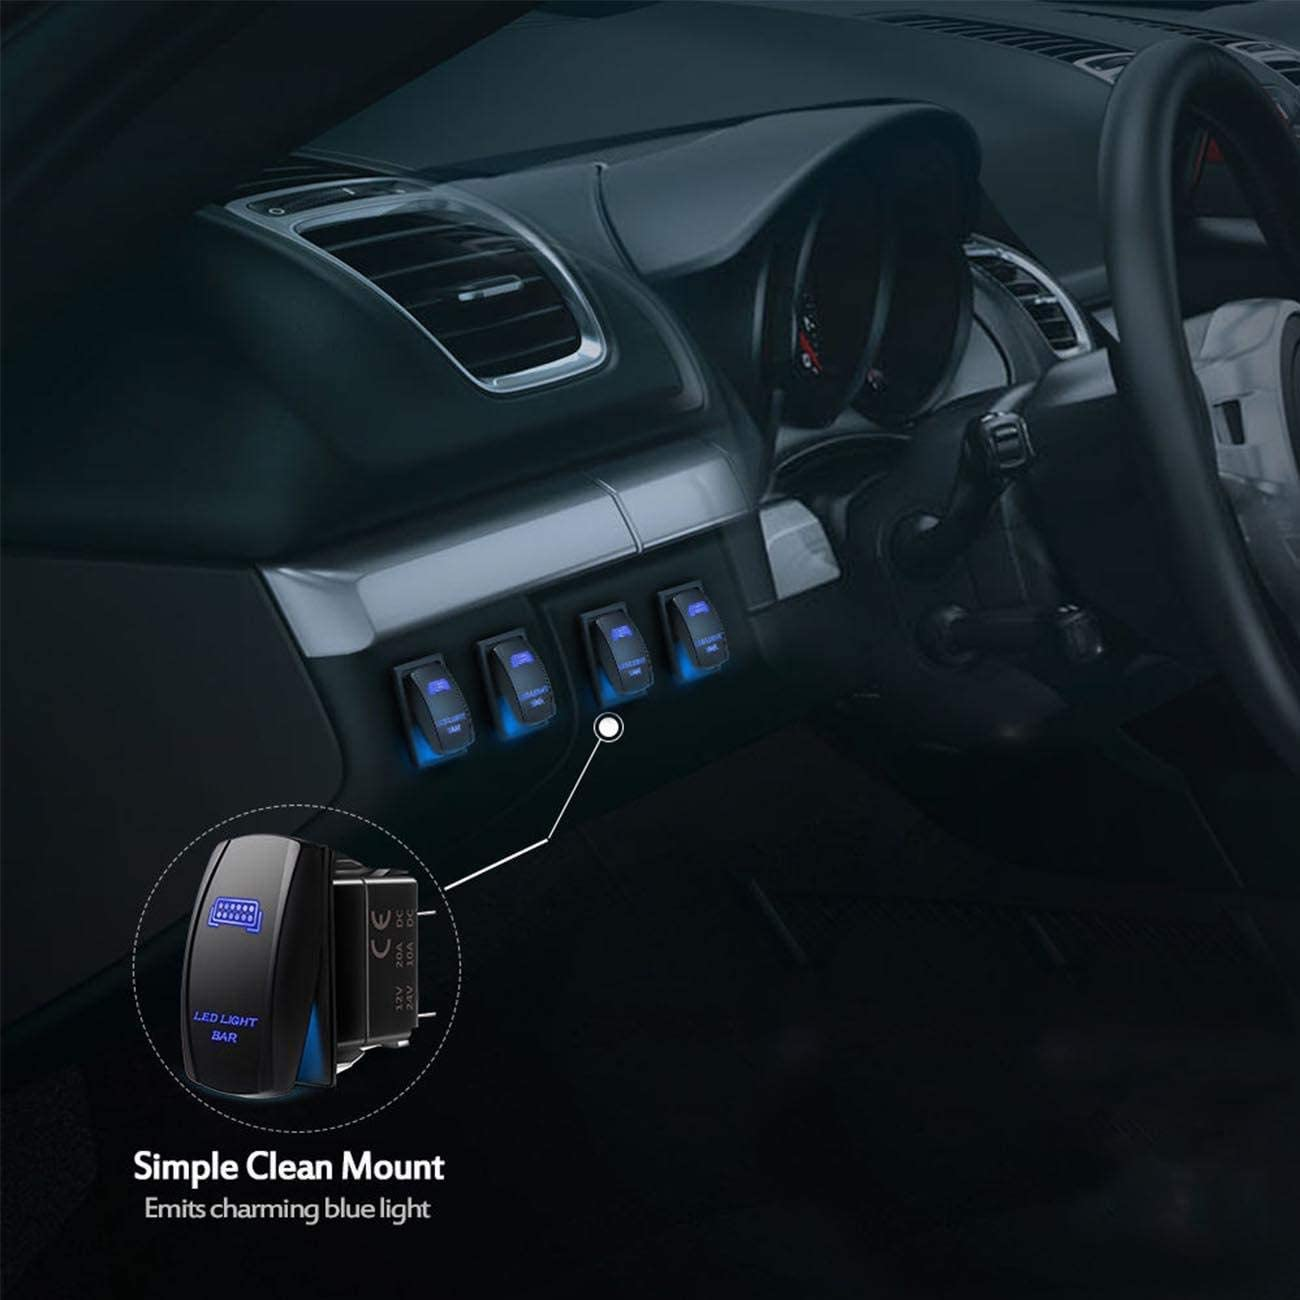 24V LED Switch Panel Wippschalter Schalttafel Schutzschalter Auxbeam 5 Pin on-off Rocker Switch Auto DC12V